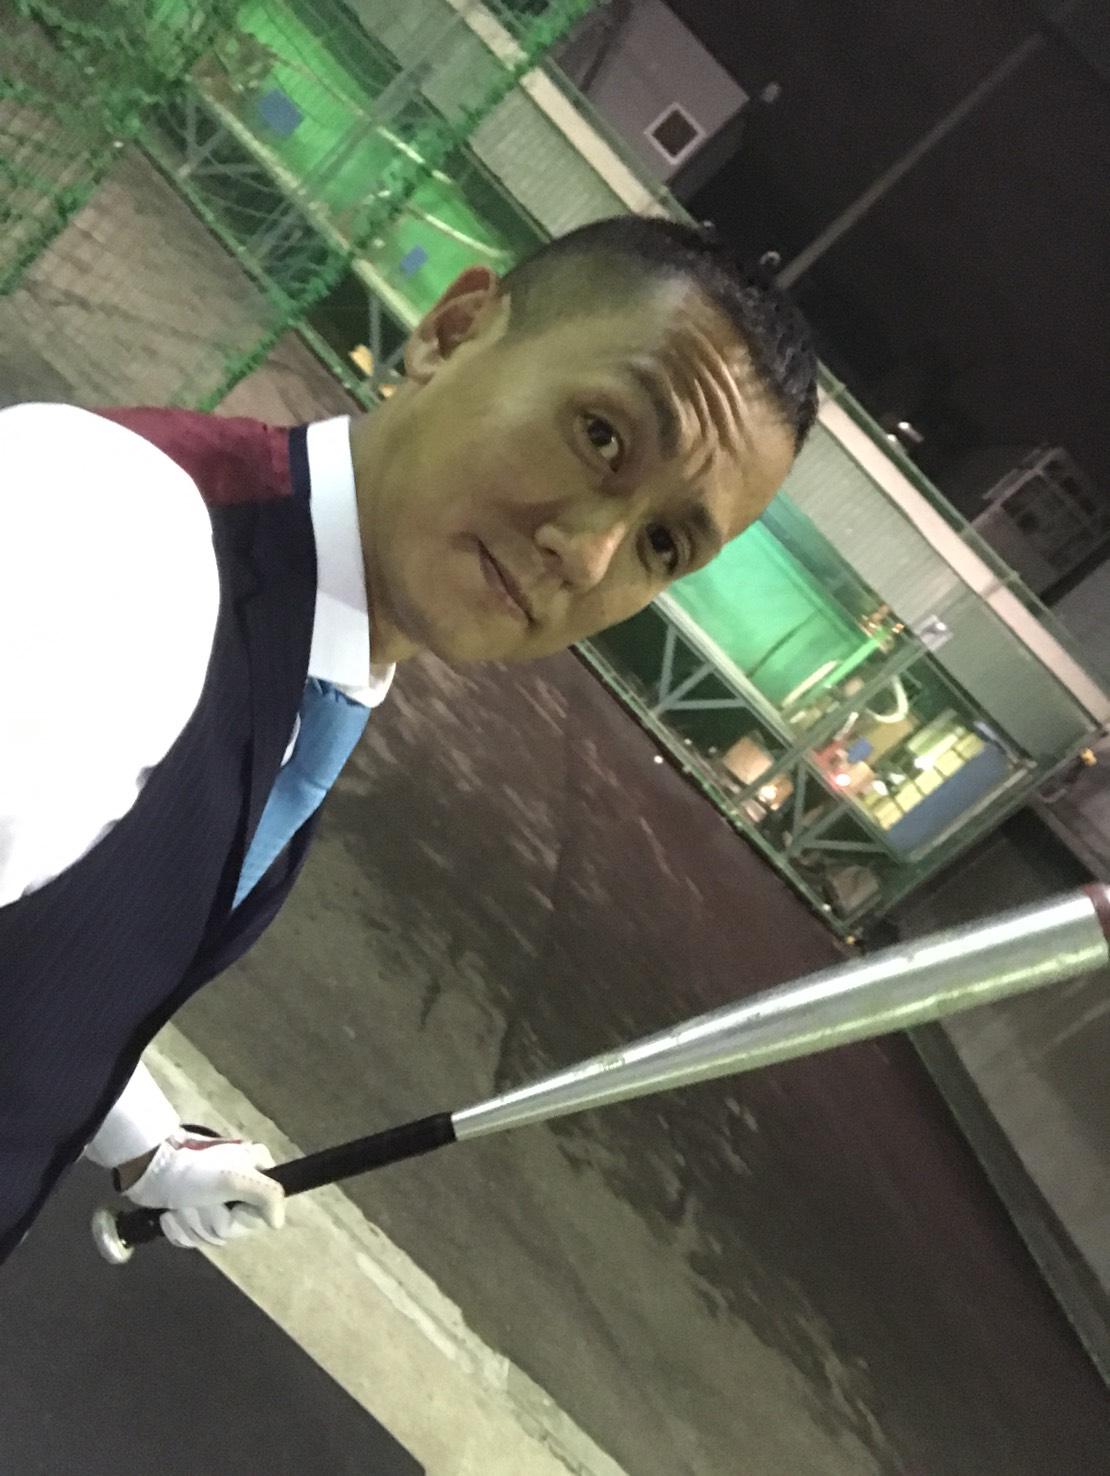 8月30日 水曜日のひとログヽ( 'ω' )ノ キャンピングカー・バスもレンタルできます♬TOMMY_b0127002_17583756.jpg